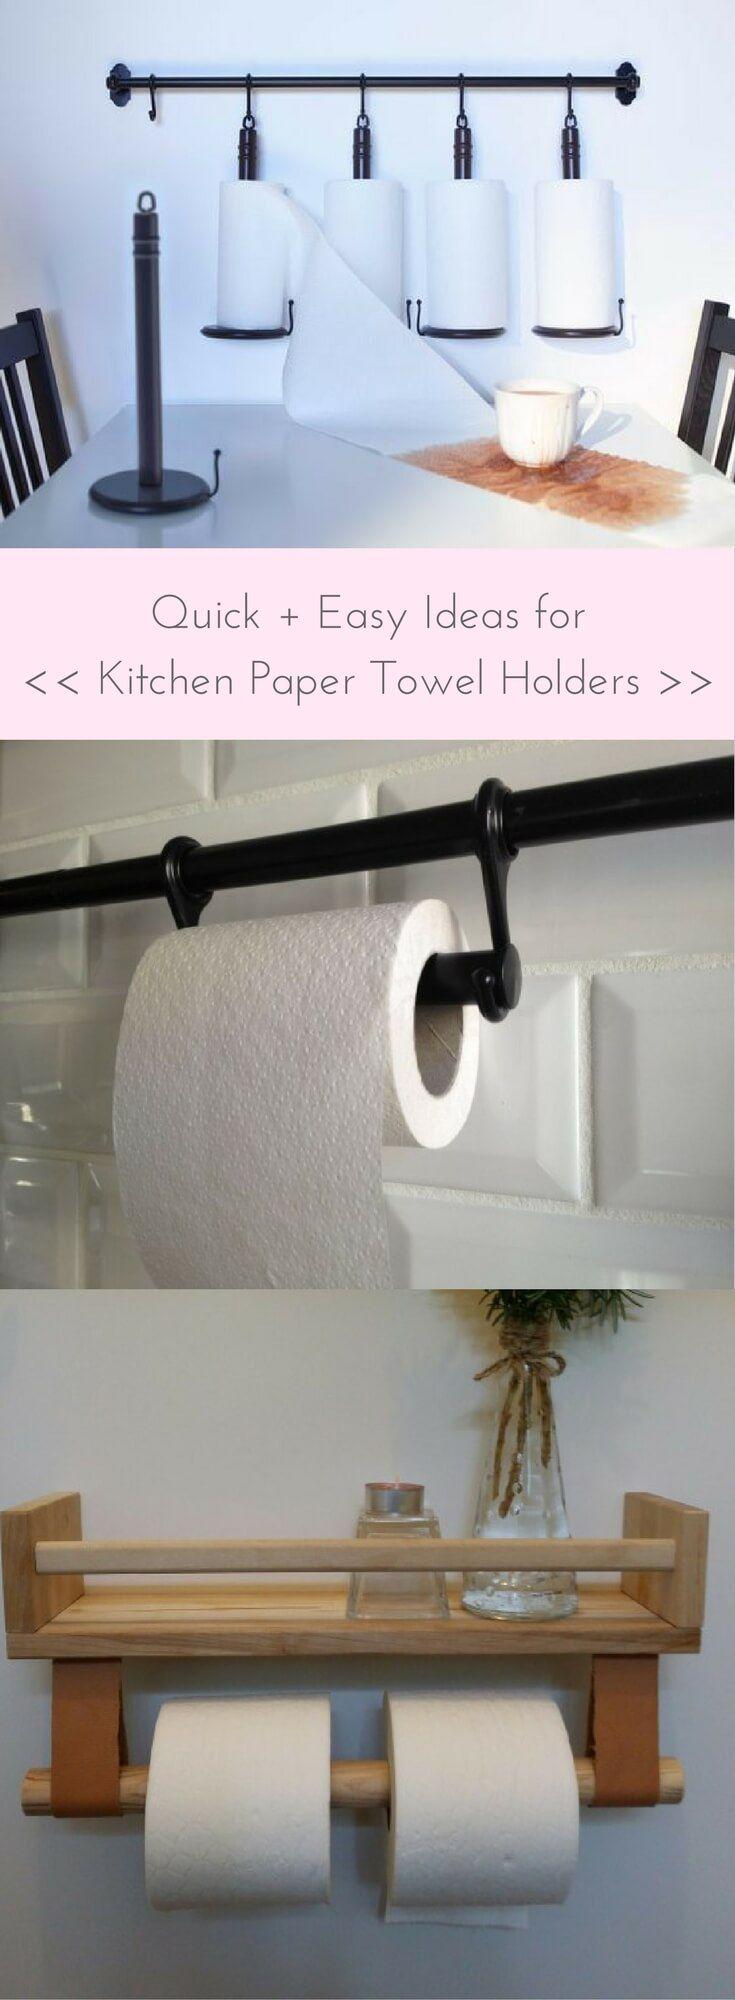 Attraktiv Ideas For Kitchen Paper Towel Holder Http://www.ikeahackers.net/